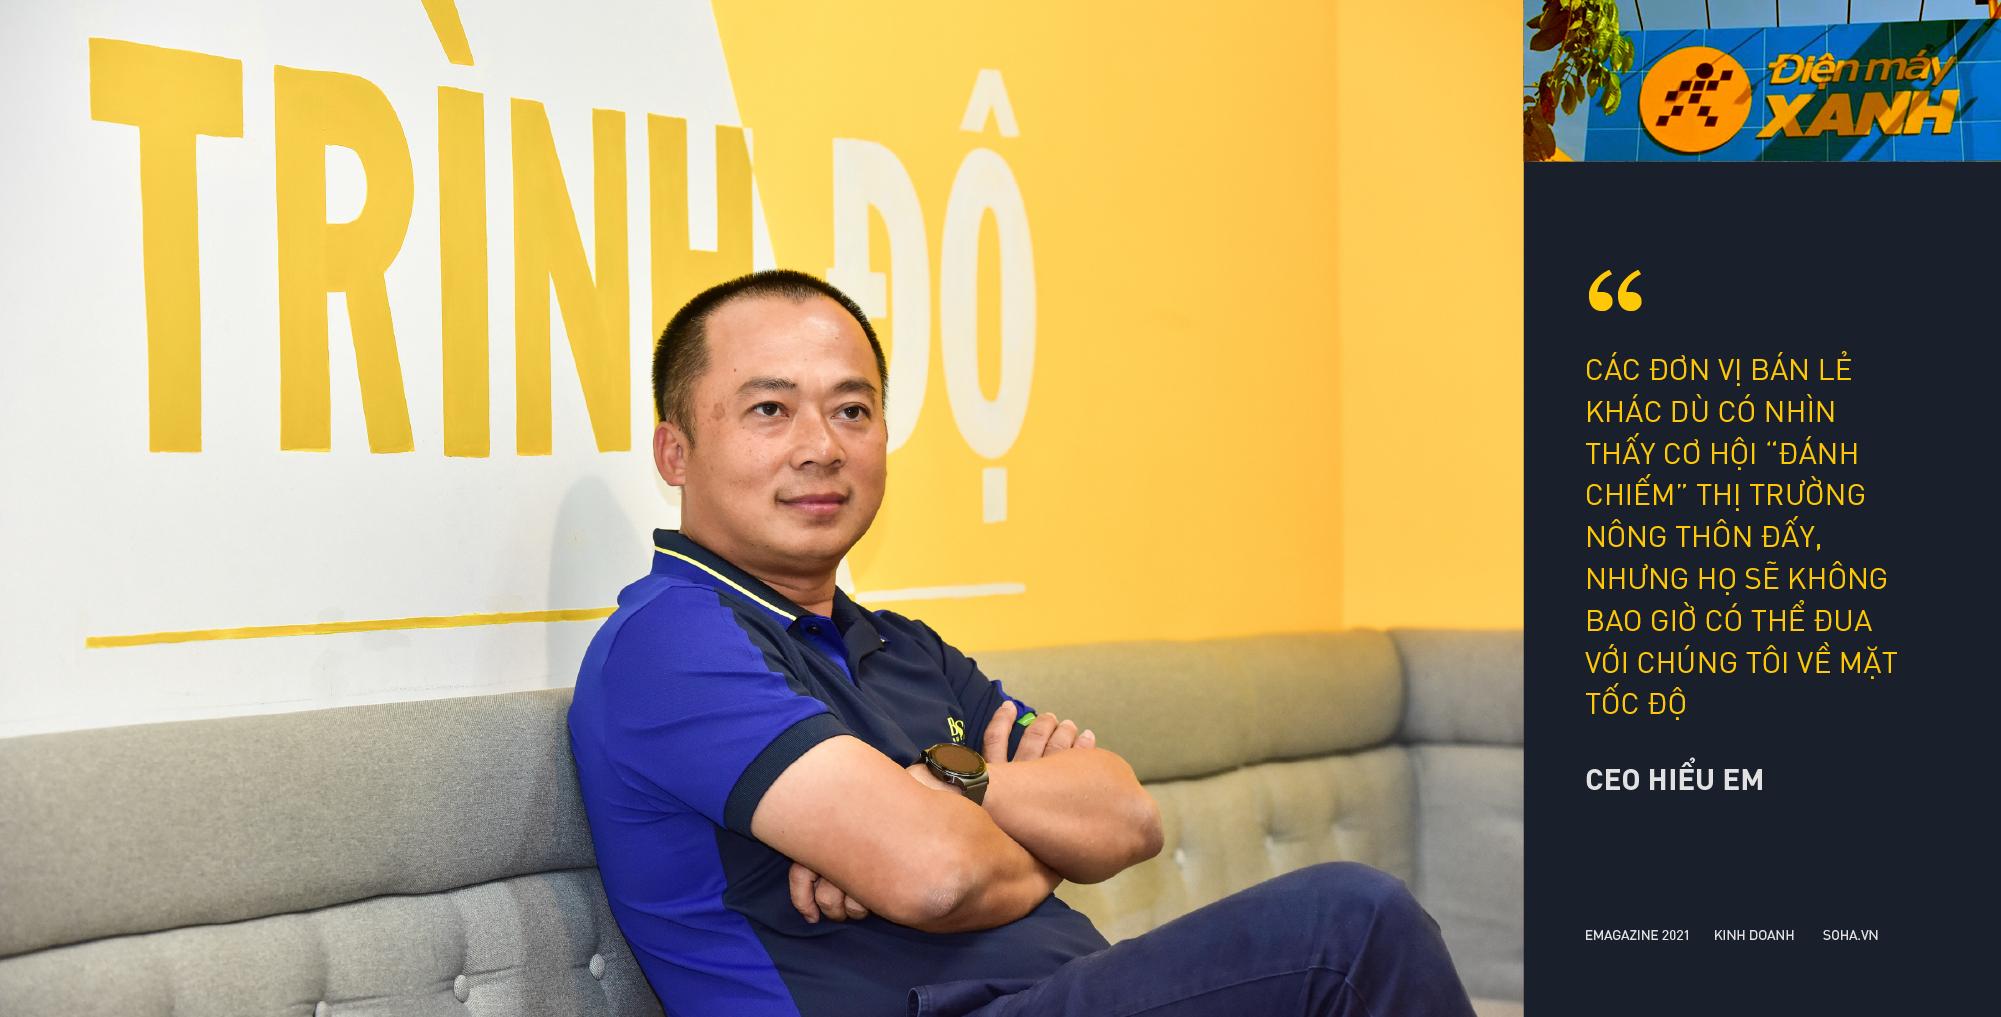 """CEO Thế Giới Di Động: """"Tôi chỉ là người giữ chùa, nhưng đã biến chùa lá thành chùa vàng"""" - Ảnh 11."""